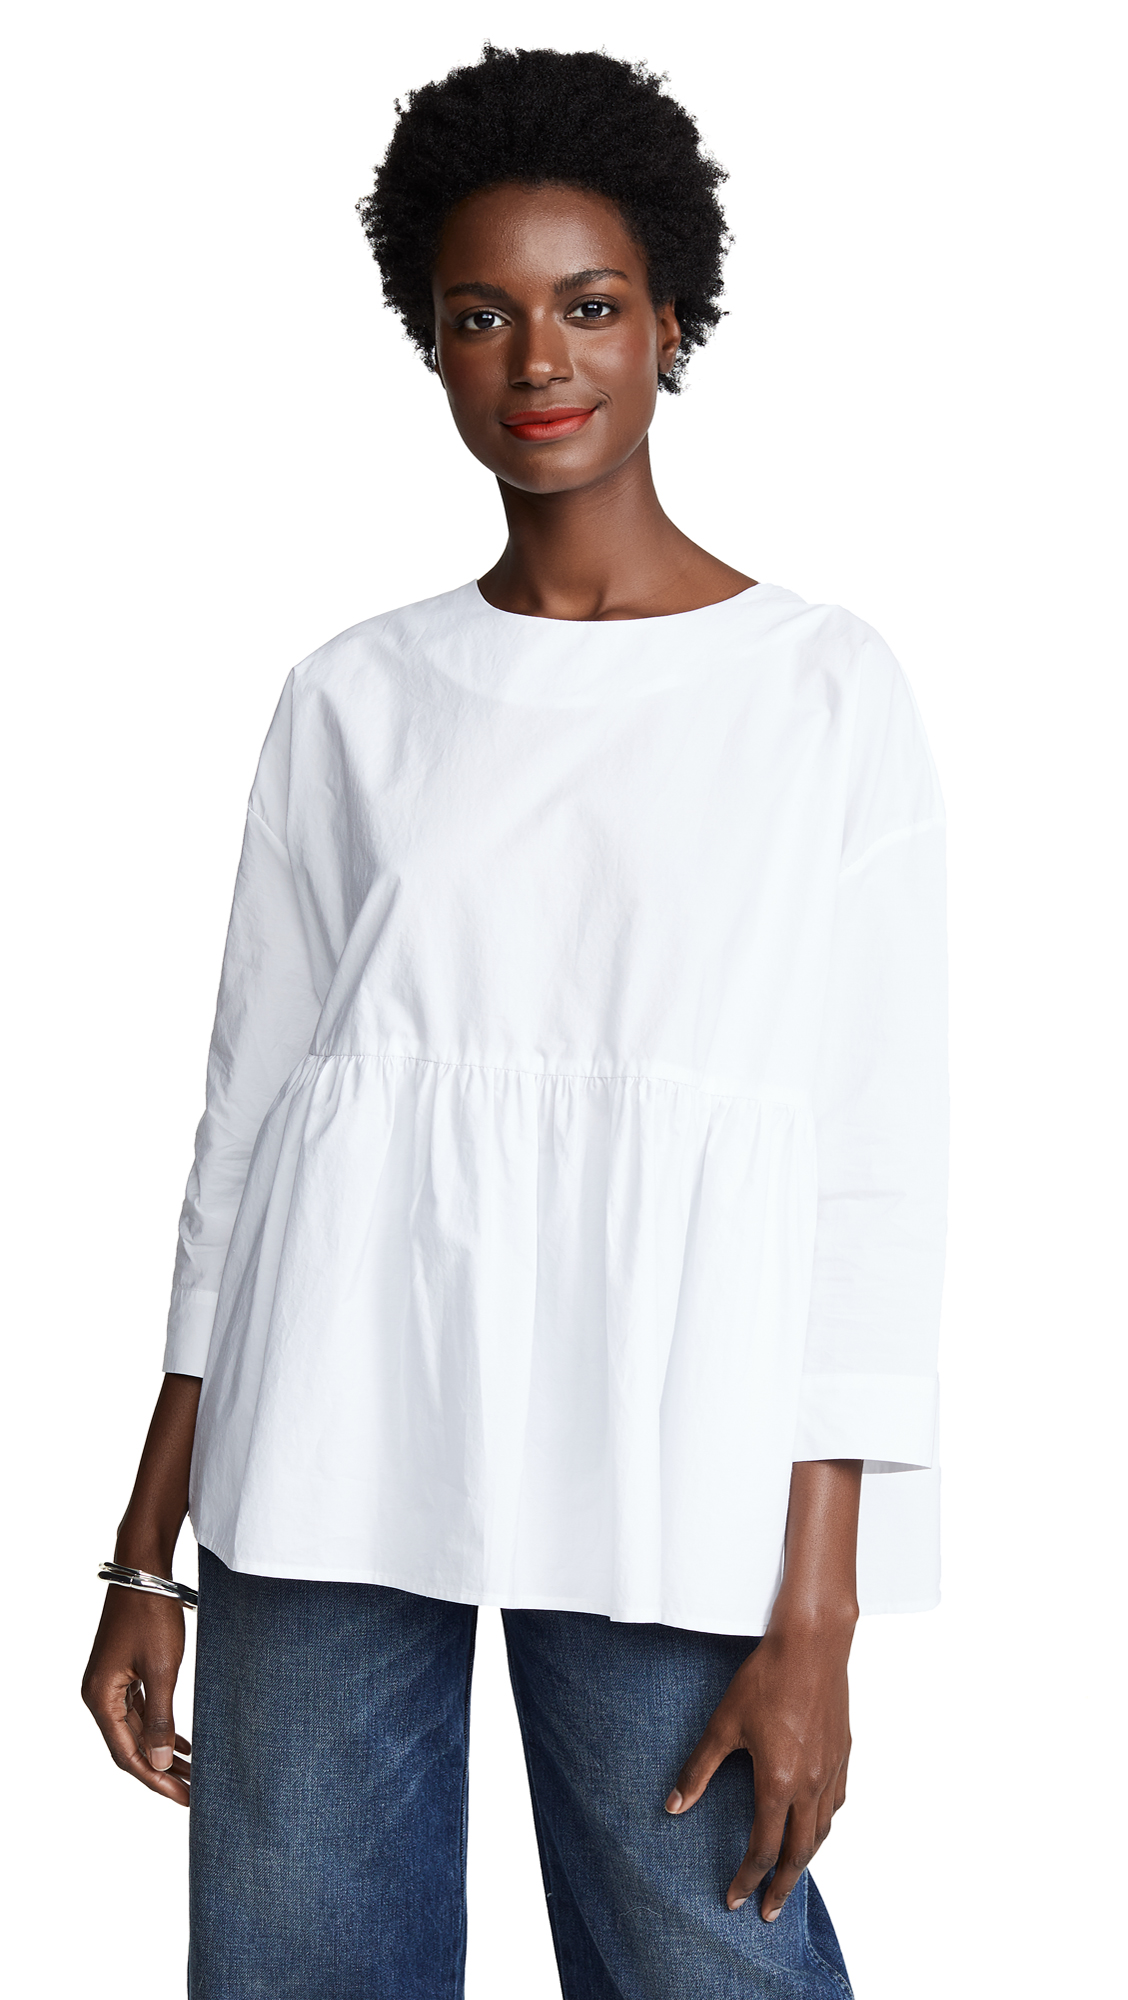 WHIT Dalia Top in White